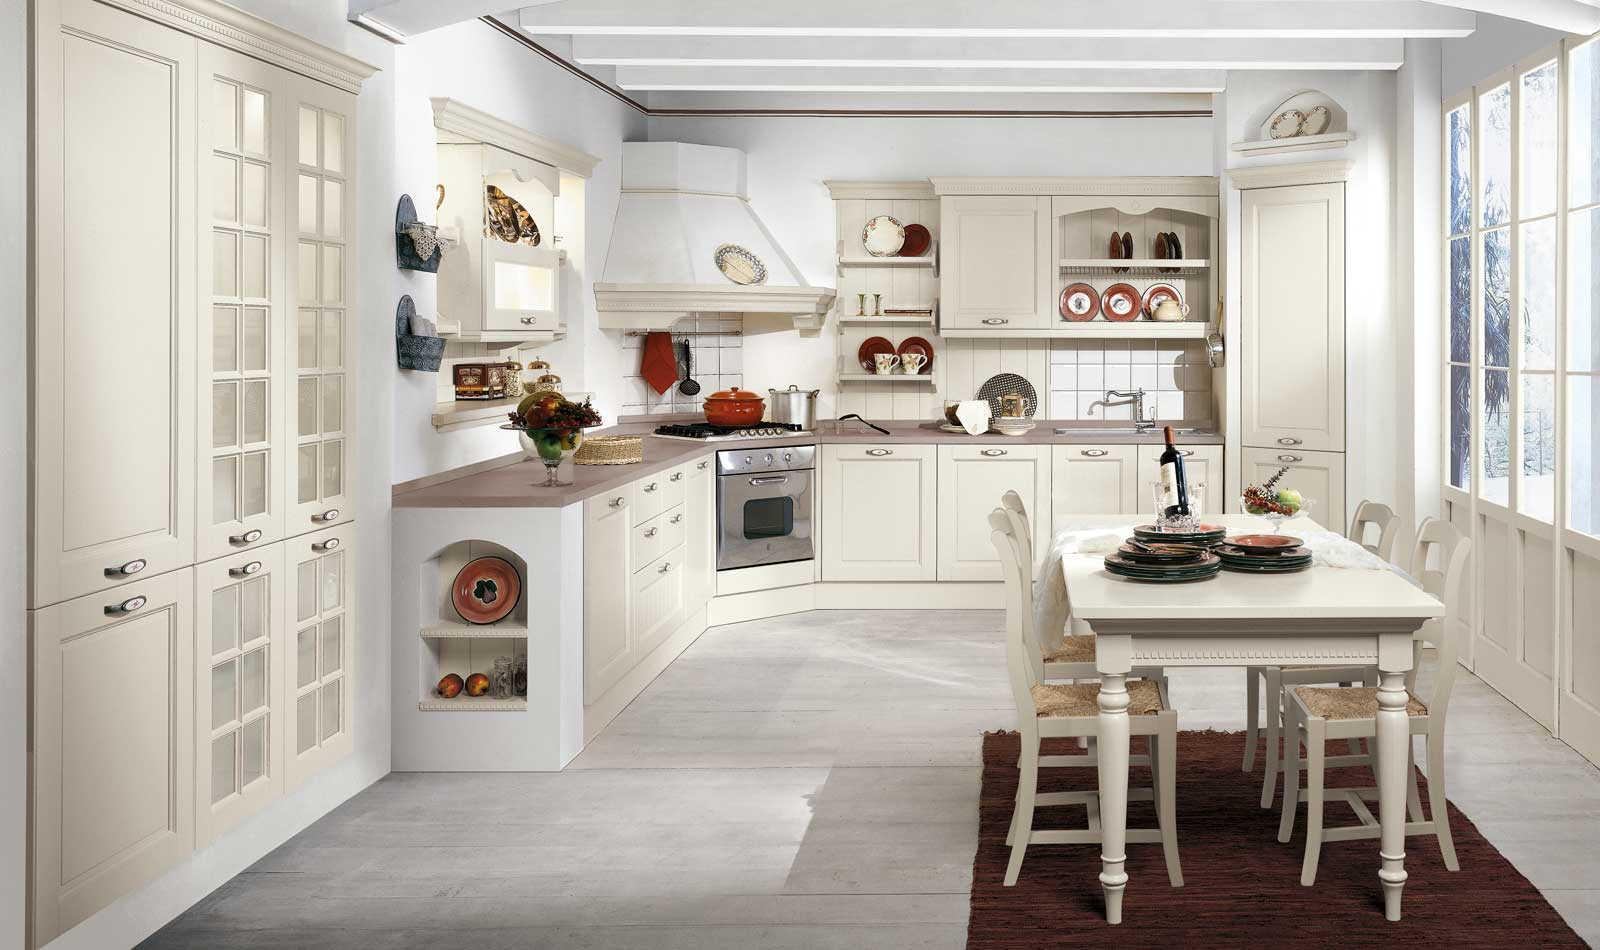 Cucina classica Virginia